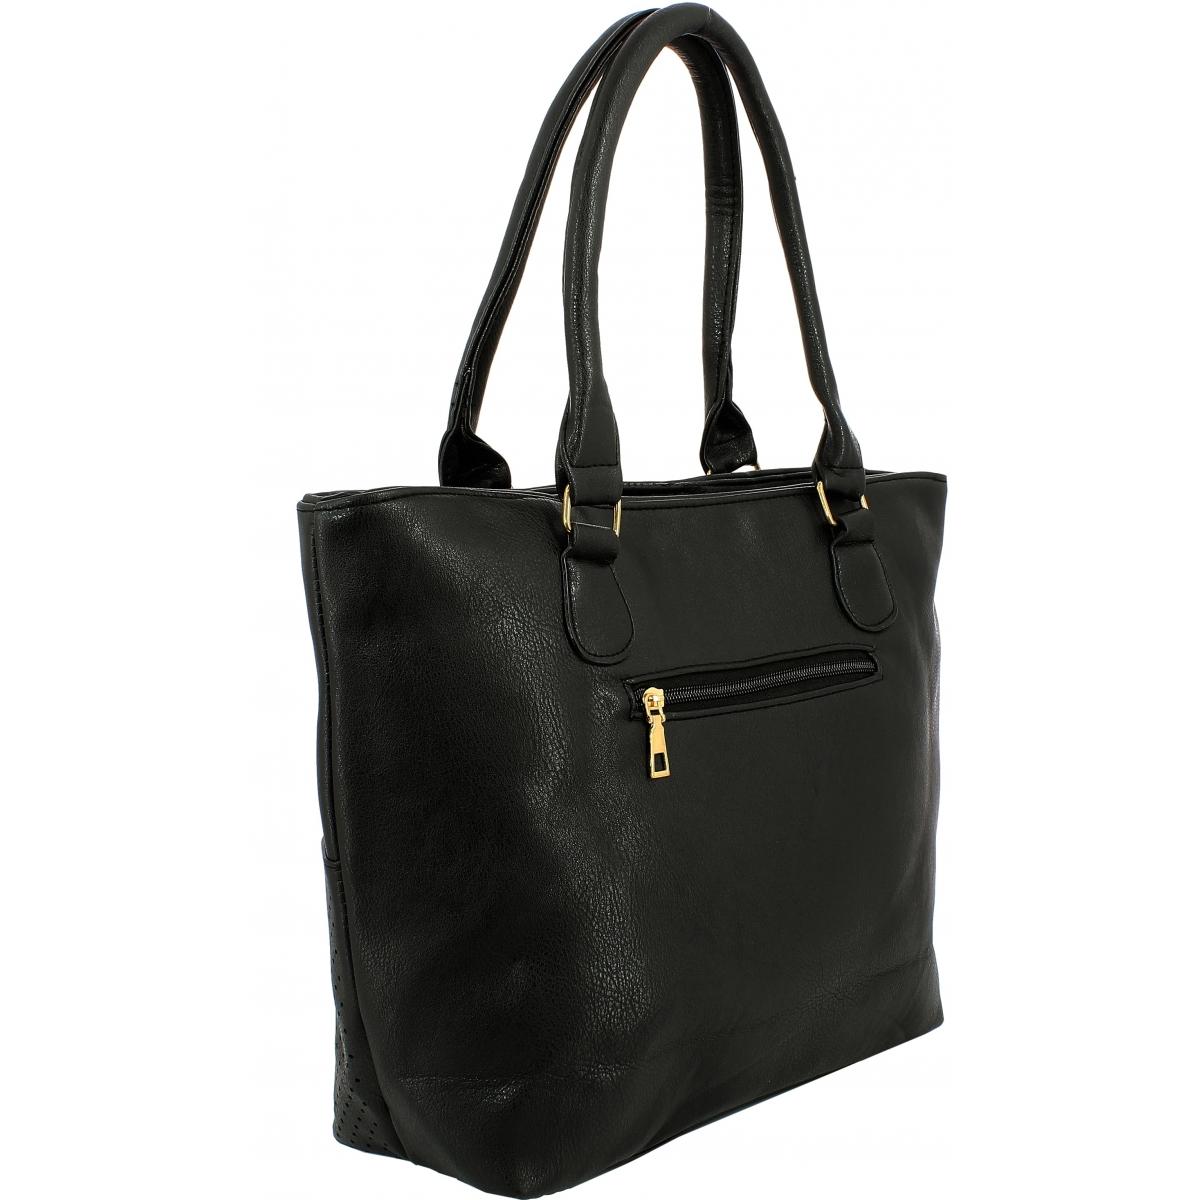 sac main shopping krlot taille l fkg0338 couleur principale noir solde. Black Bedroom Furniture Sets. Home Design Ideas